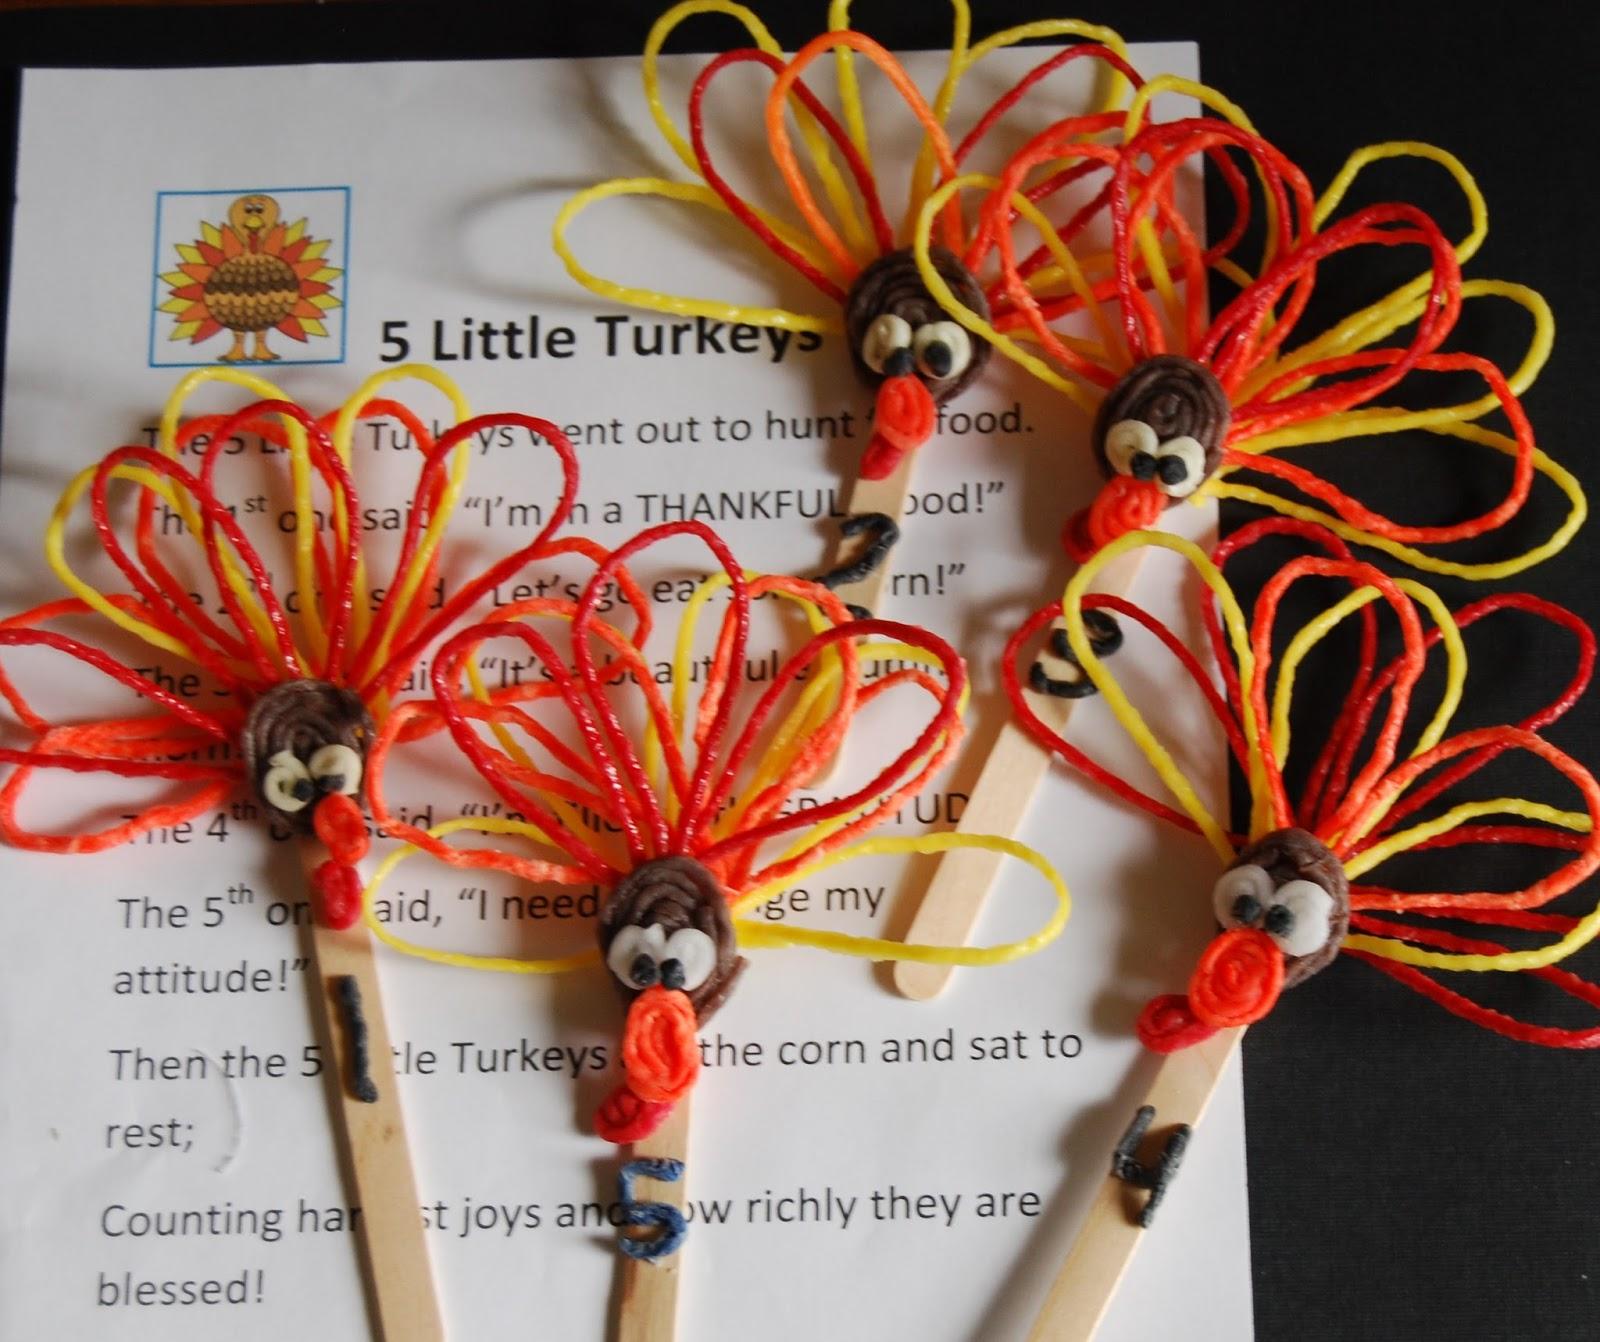 5 Little Turkeys A Gratitude Poem For Young Kids